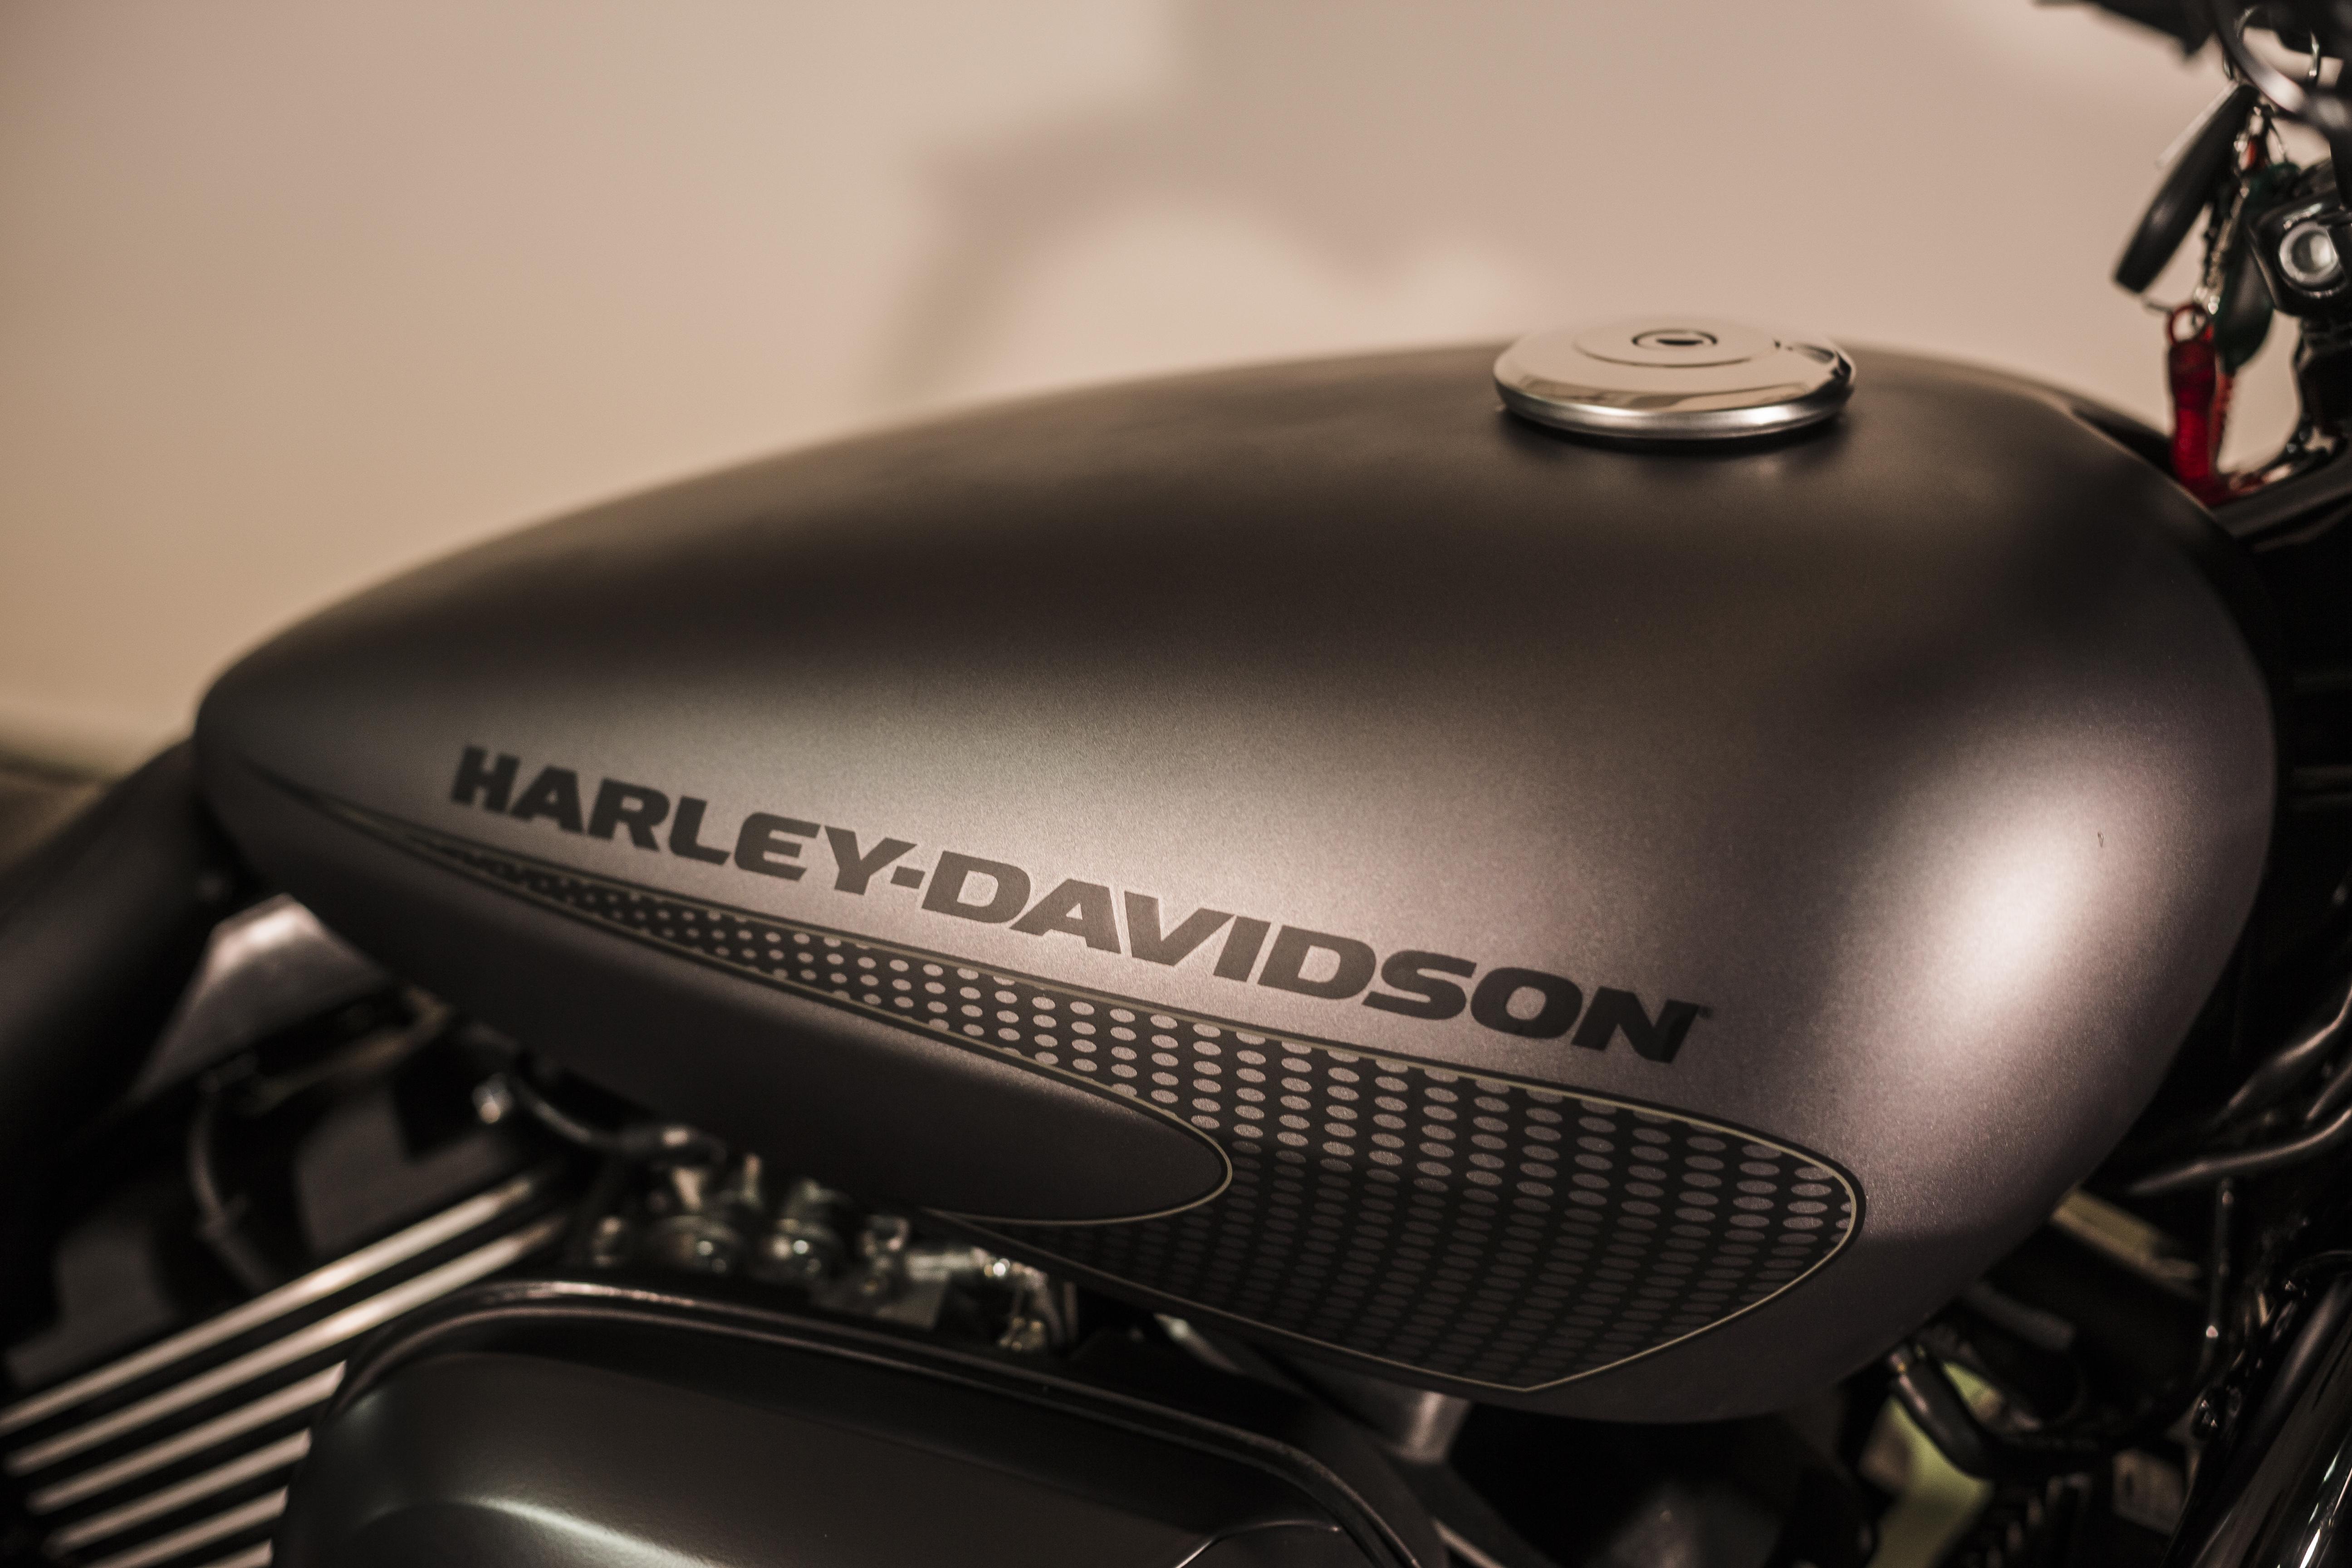 ride impression 2017 harley davidson street rod 750 image 657226. Black Bedroom Furniture Sets. Home Design Ideas